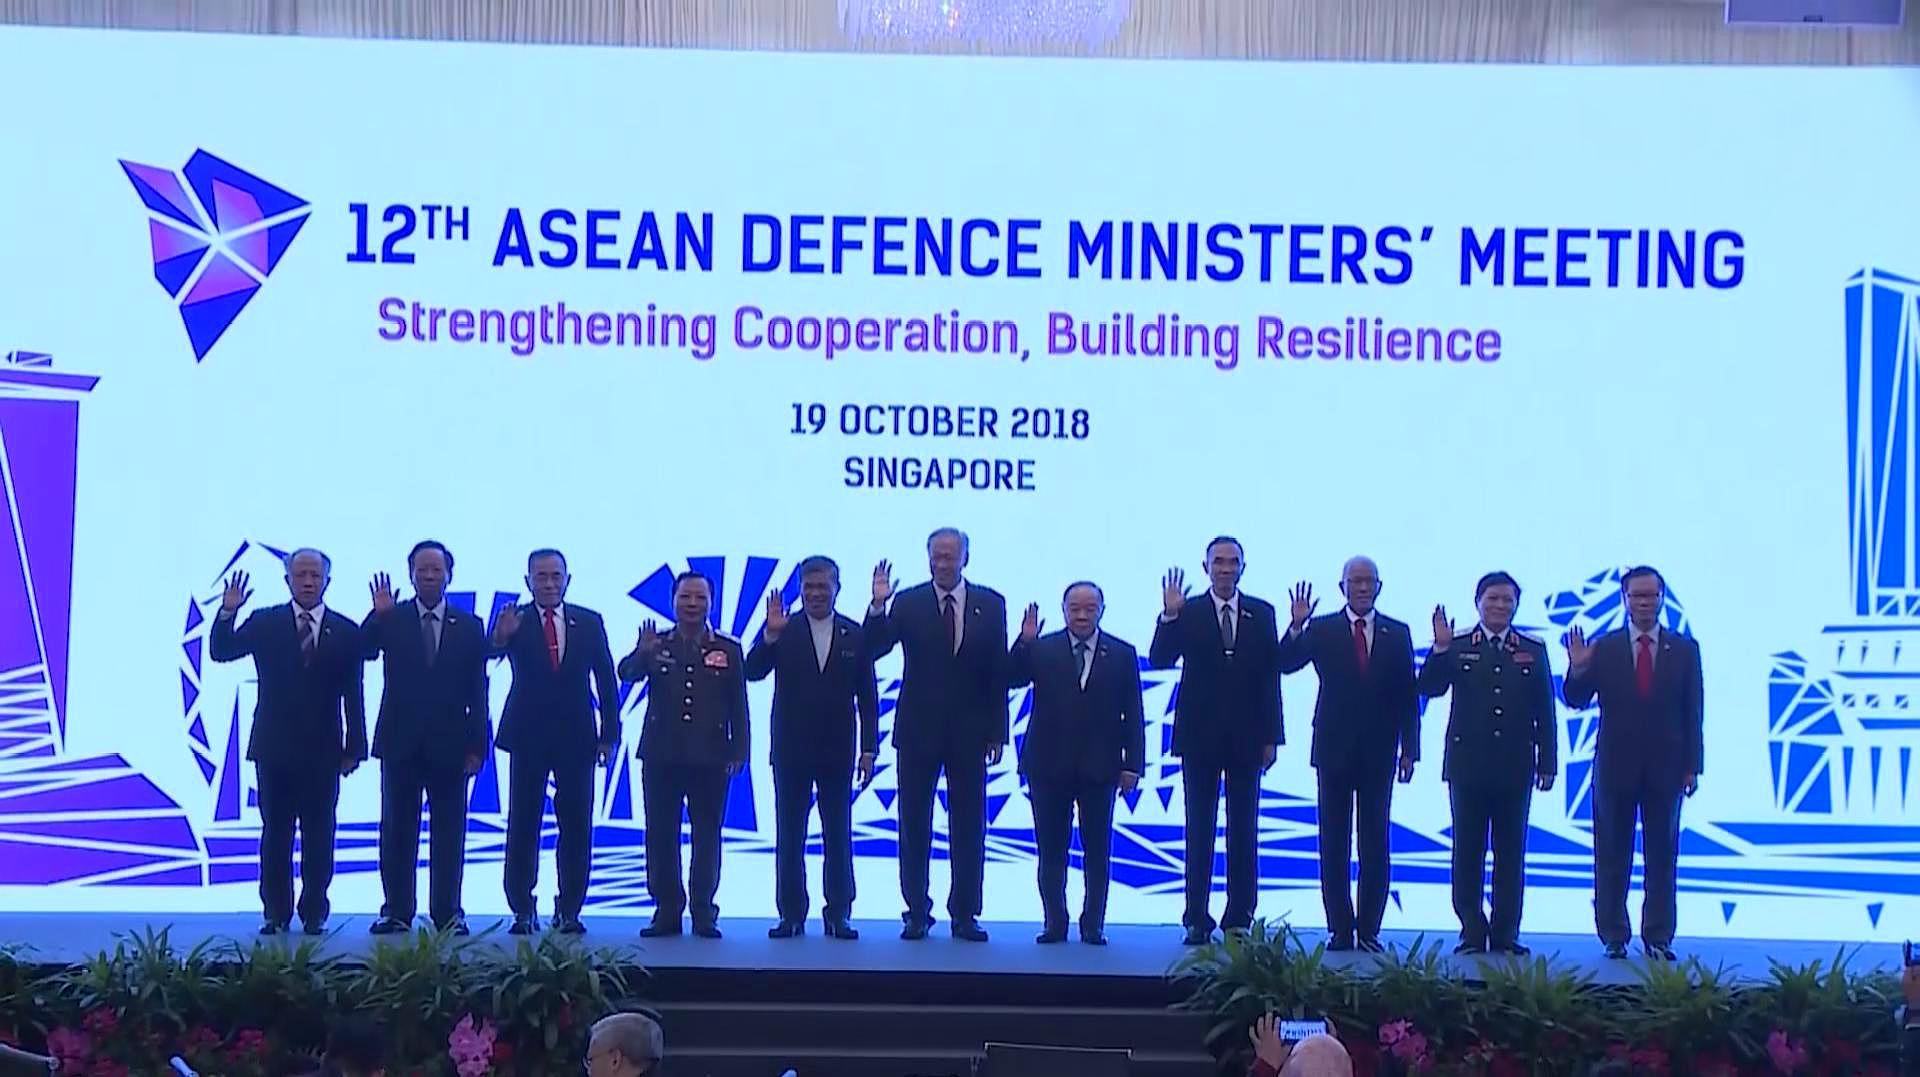 中国东盟首次海上演习将举行 东盟筹划与美明年联演